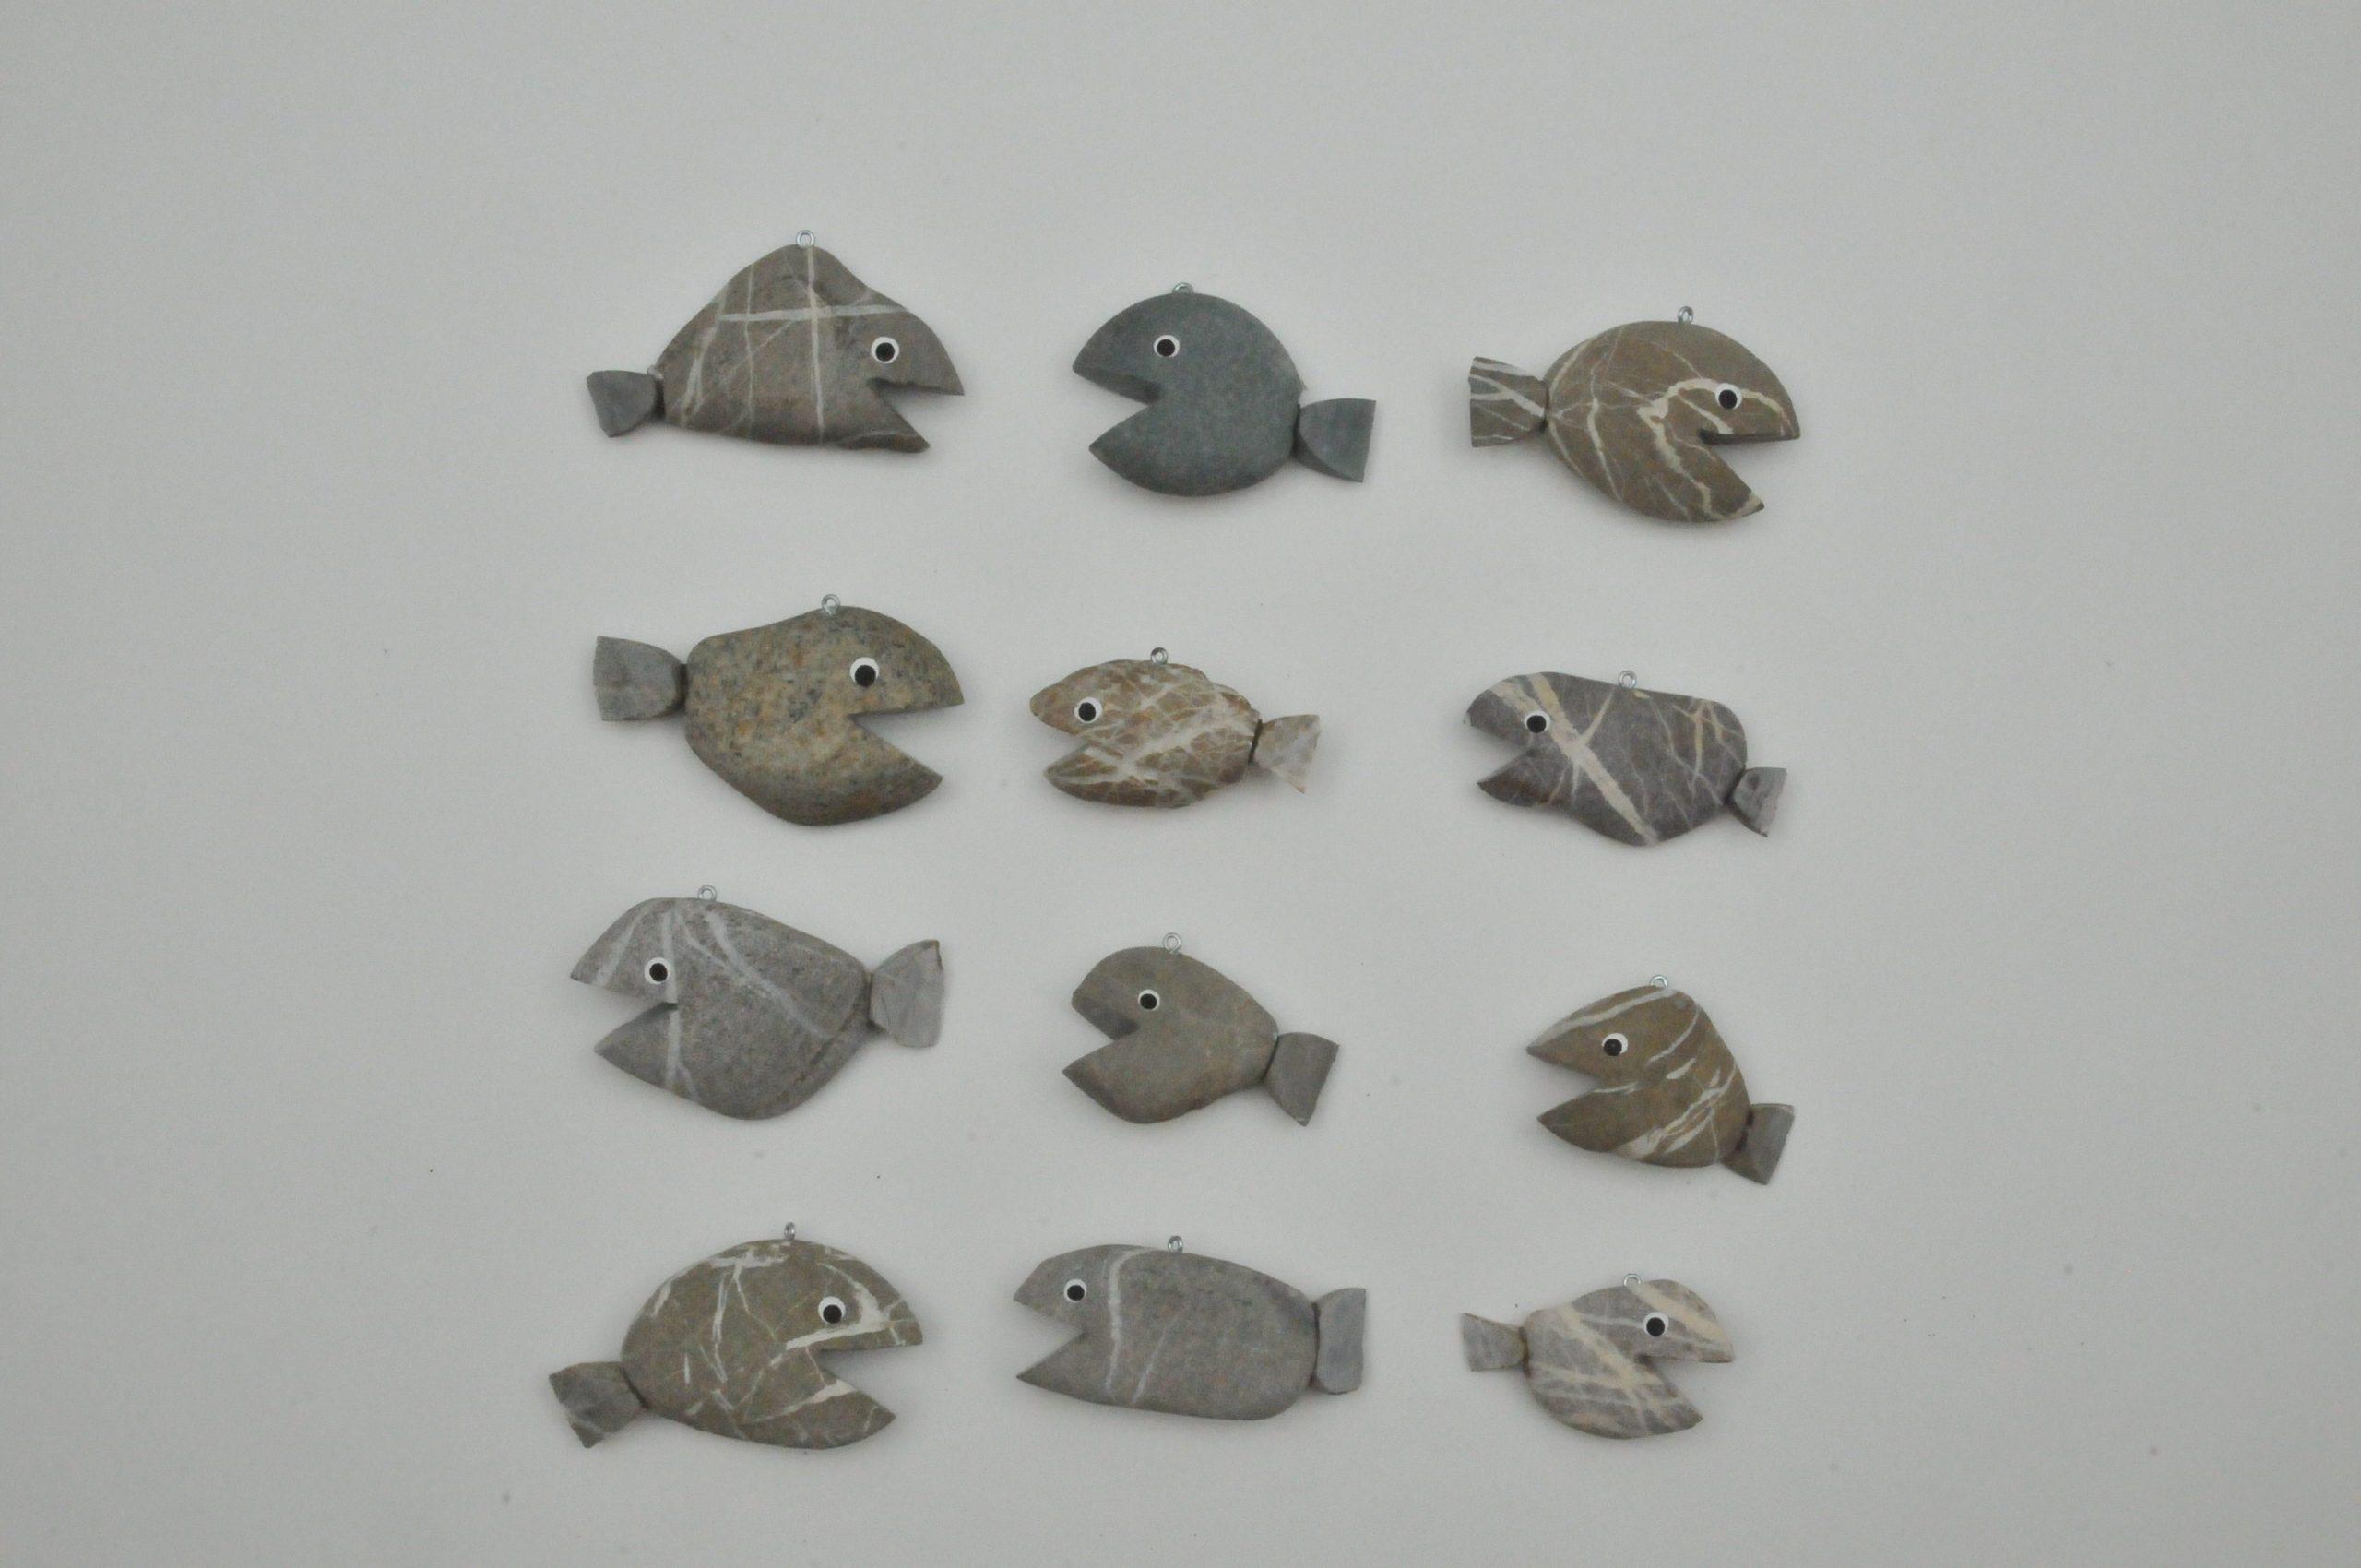 Steinfisch | Steine, Flusssteine, Kiesel bestimmt für Lachende Fische